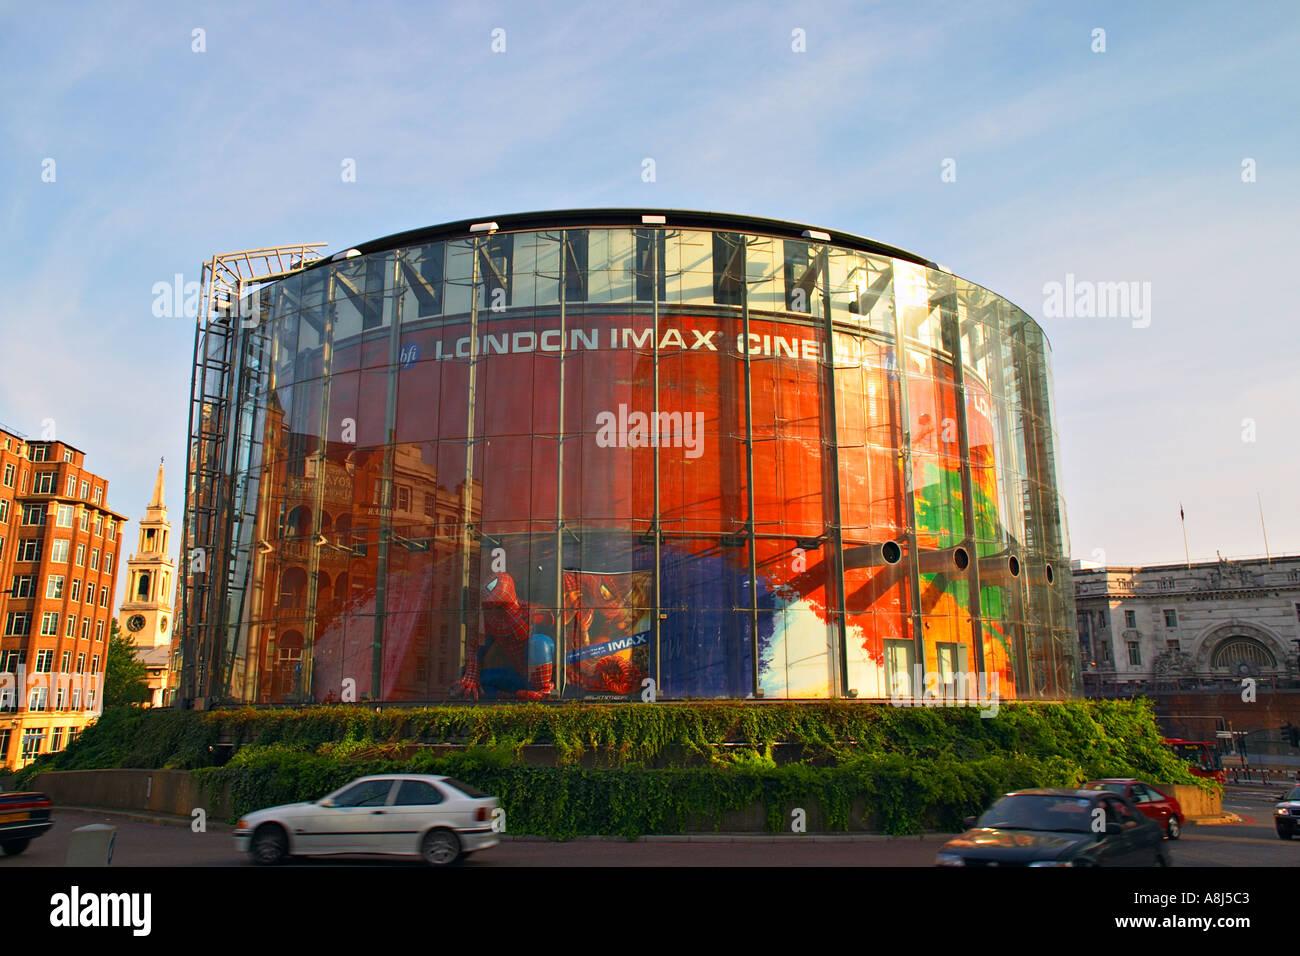 Londra cinema IMAX REGNO UNITO Immagini Stock